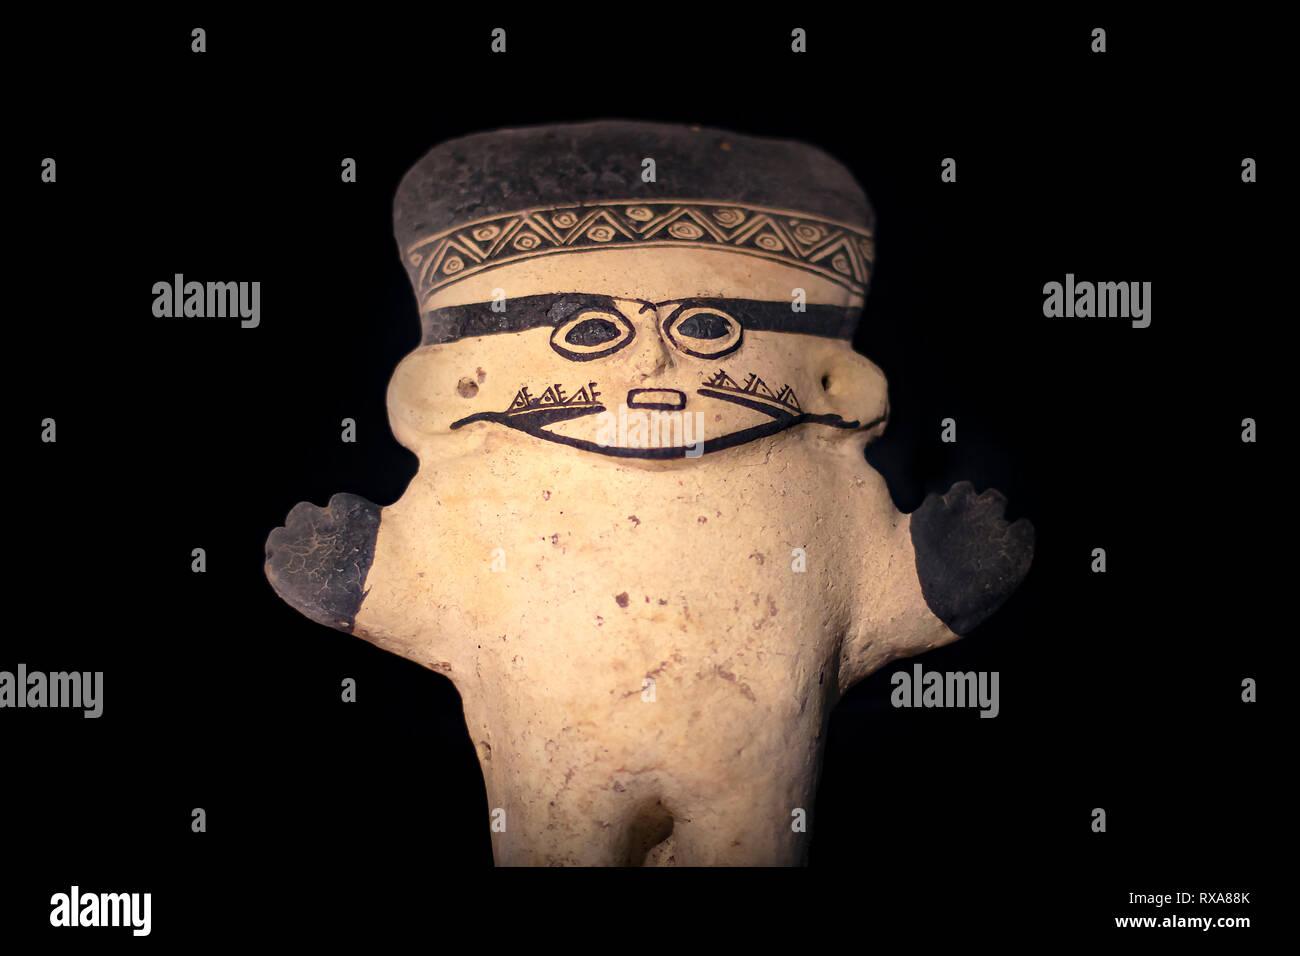 Cerámicas precolombinas llamado 'Huacos' de Chancay, una cultura peruana. Colección privada de cerámica pre-inca. Foto de stock